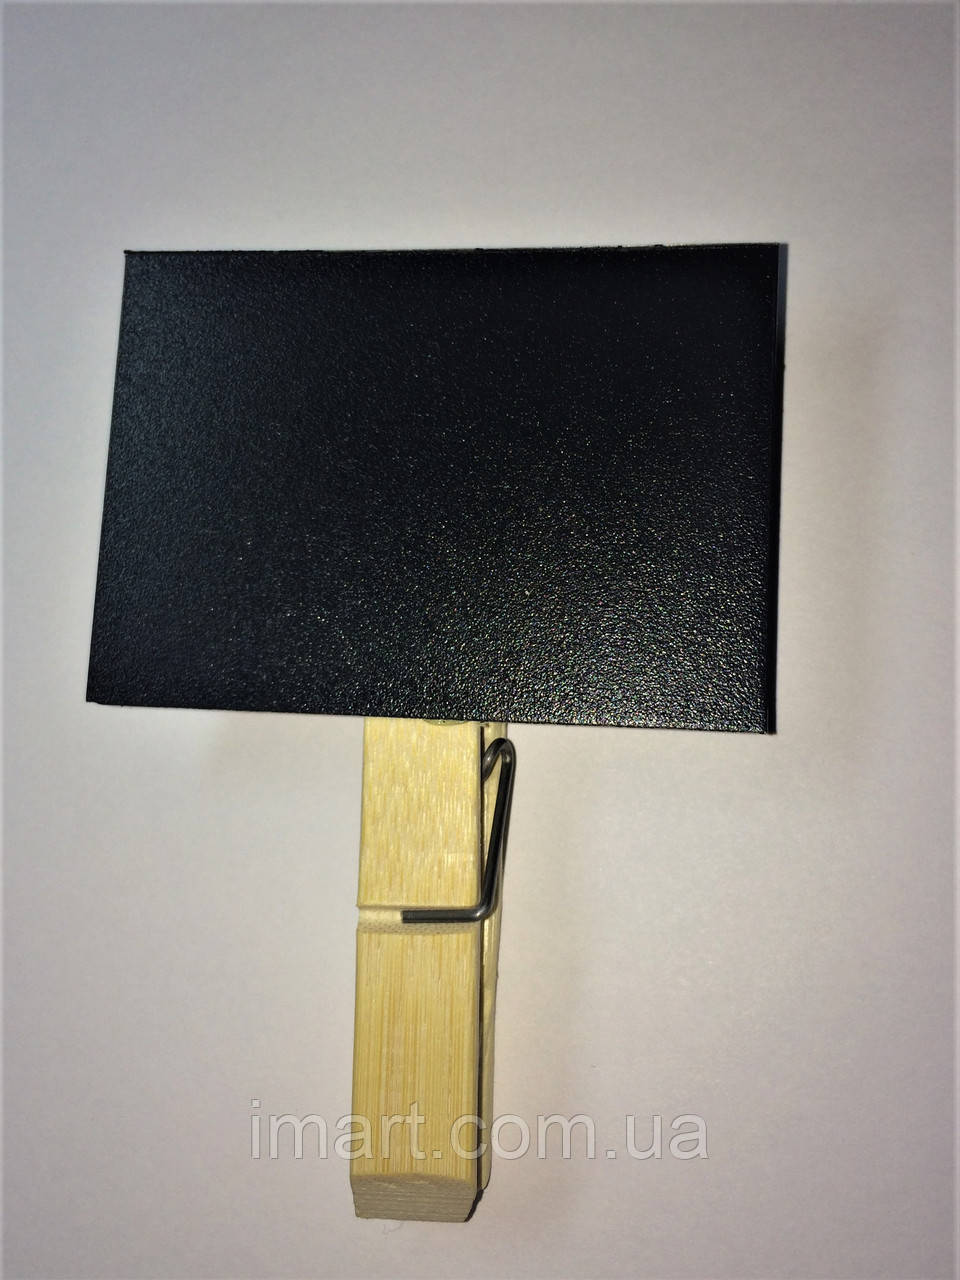 Меловой ценник 4х4 см с держателем прищепка для надписей мелом и маркером. Грифельная табличка